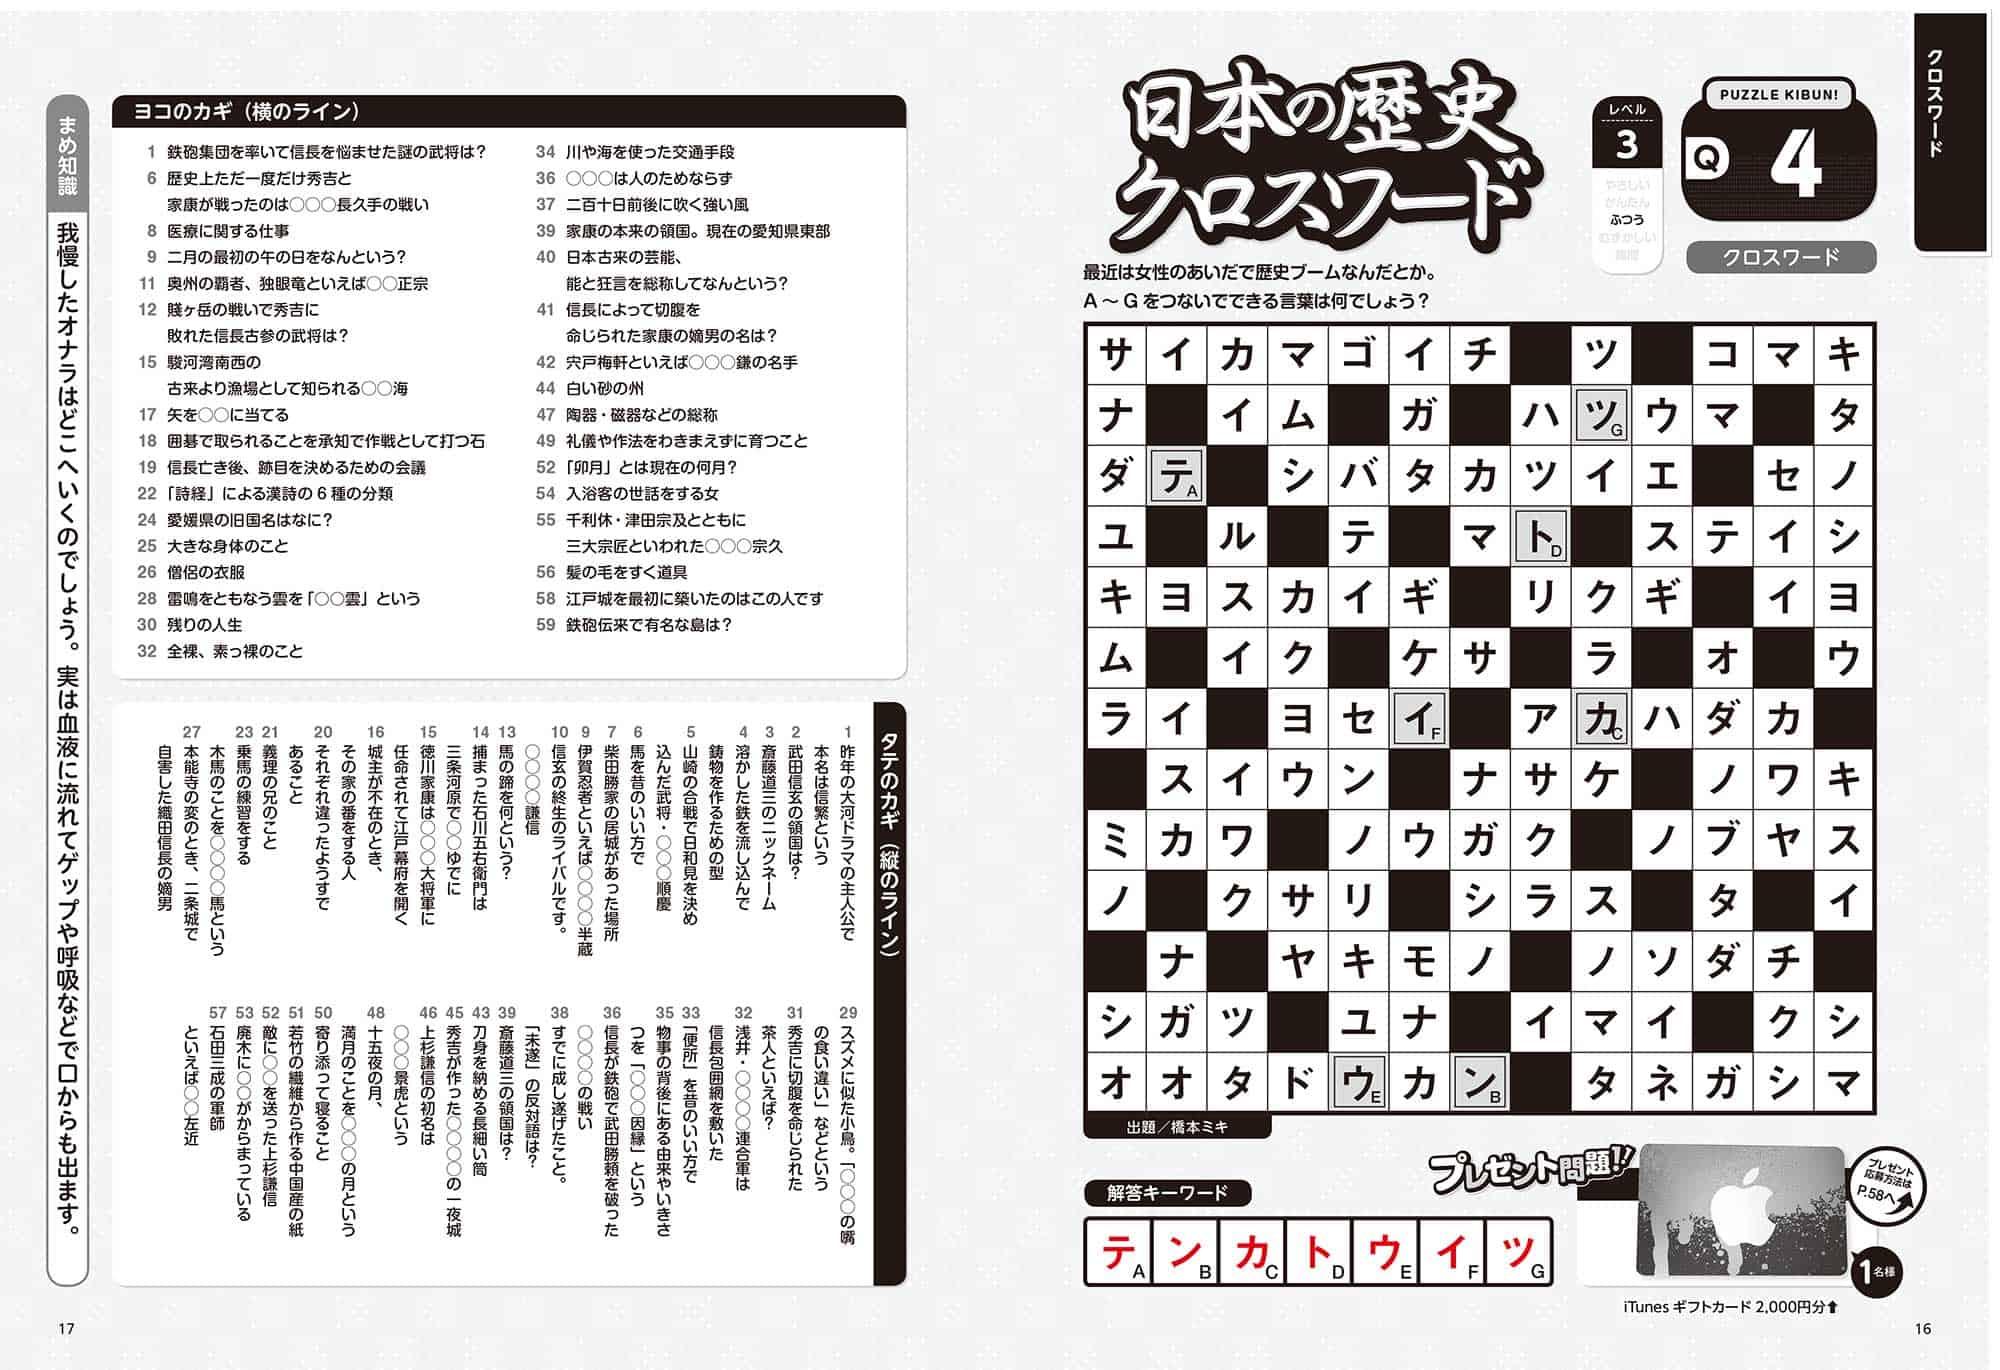 【パズルきぶん】Q4クロスワード 日本の歴史